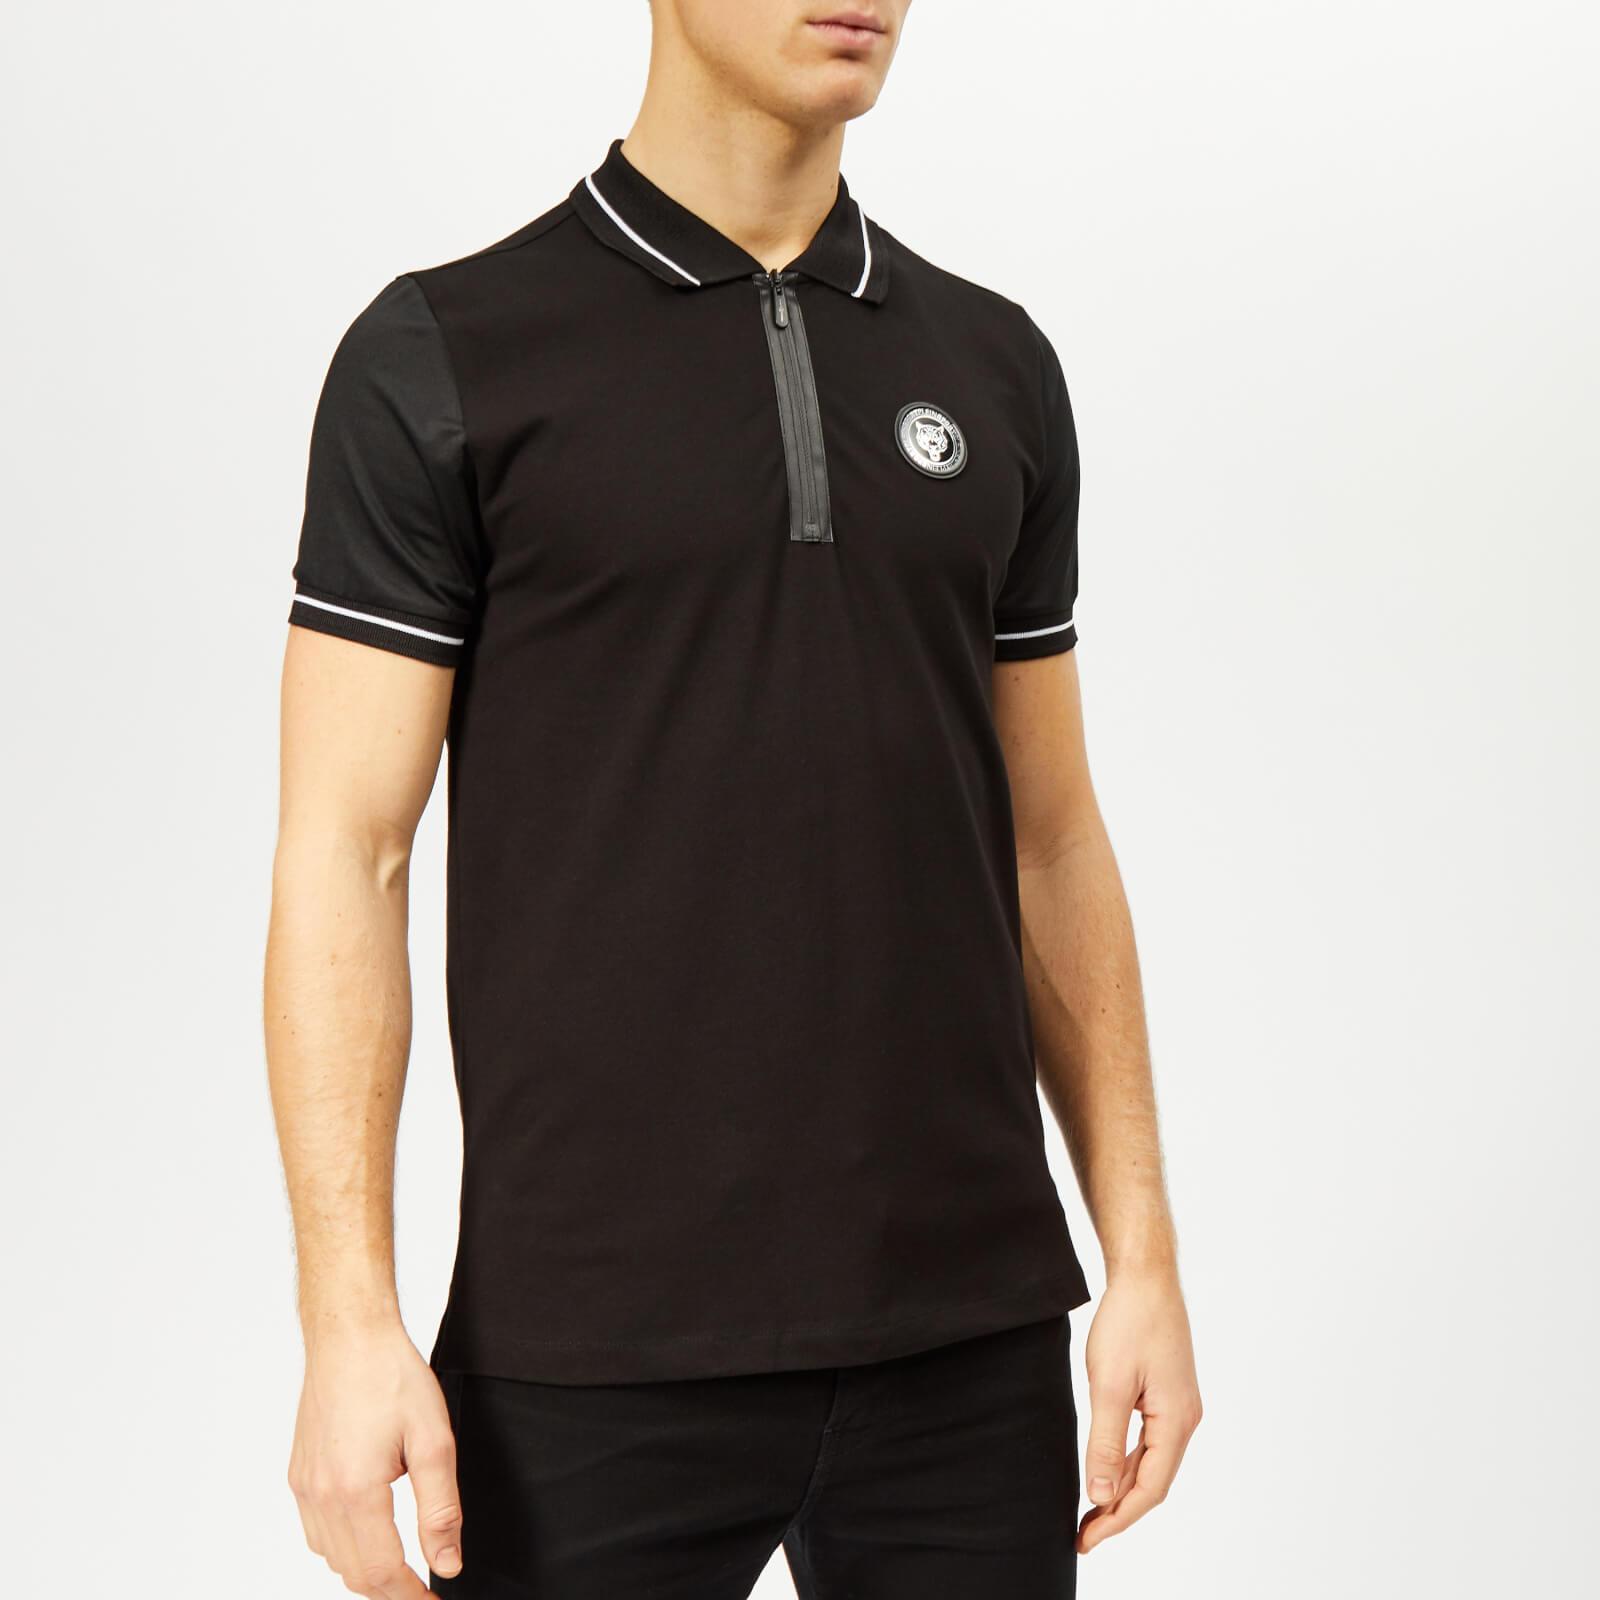 Plein Sport Men's Statement Polo-Shirt - Black/White - S - Black/White